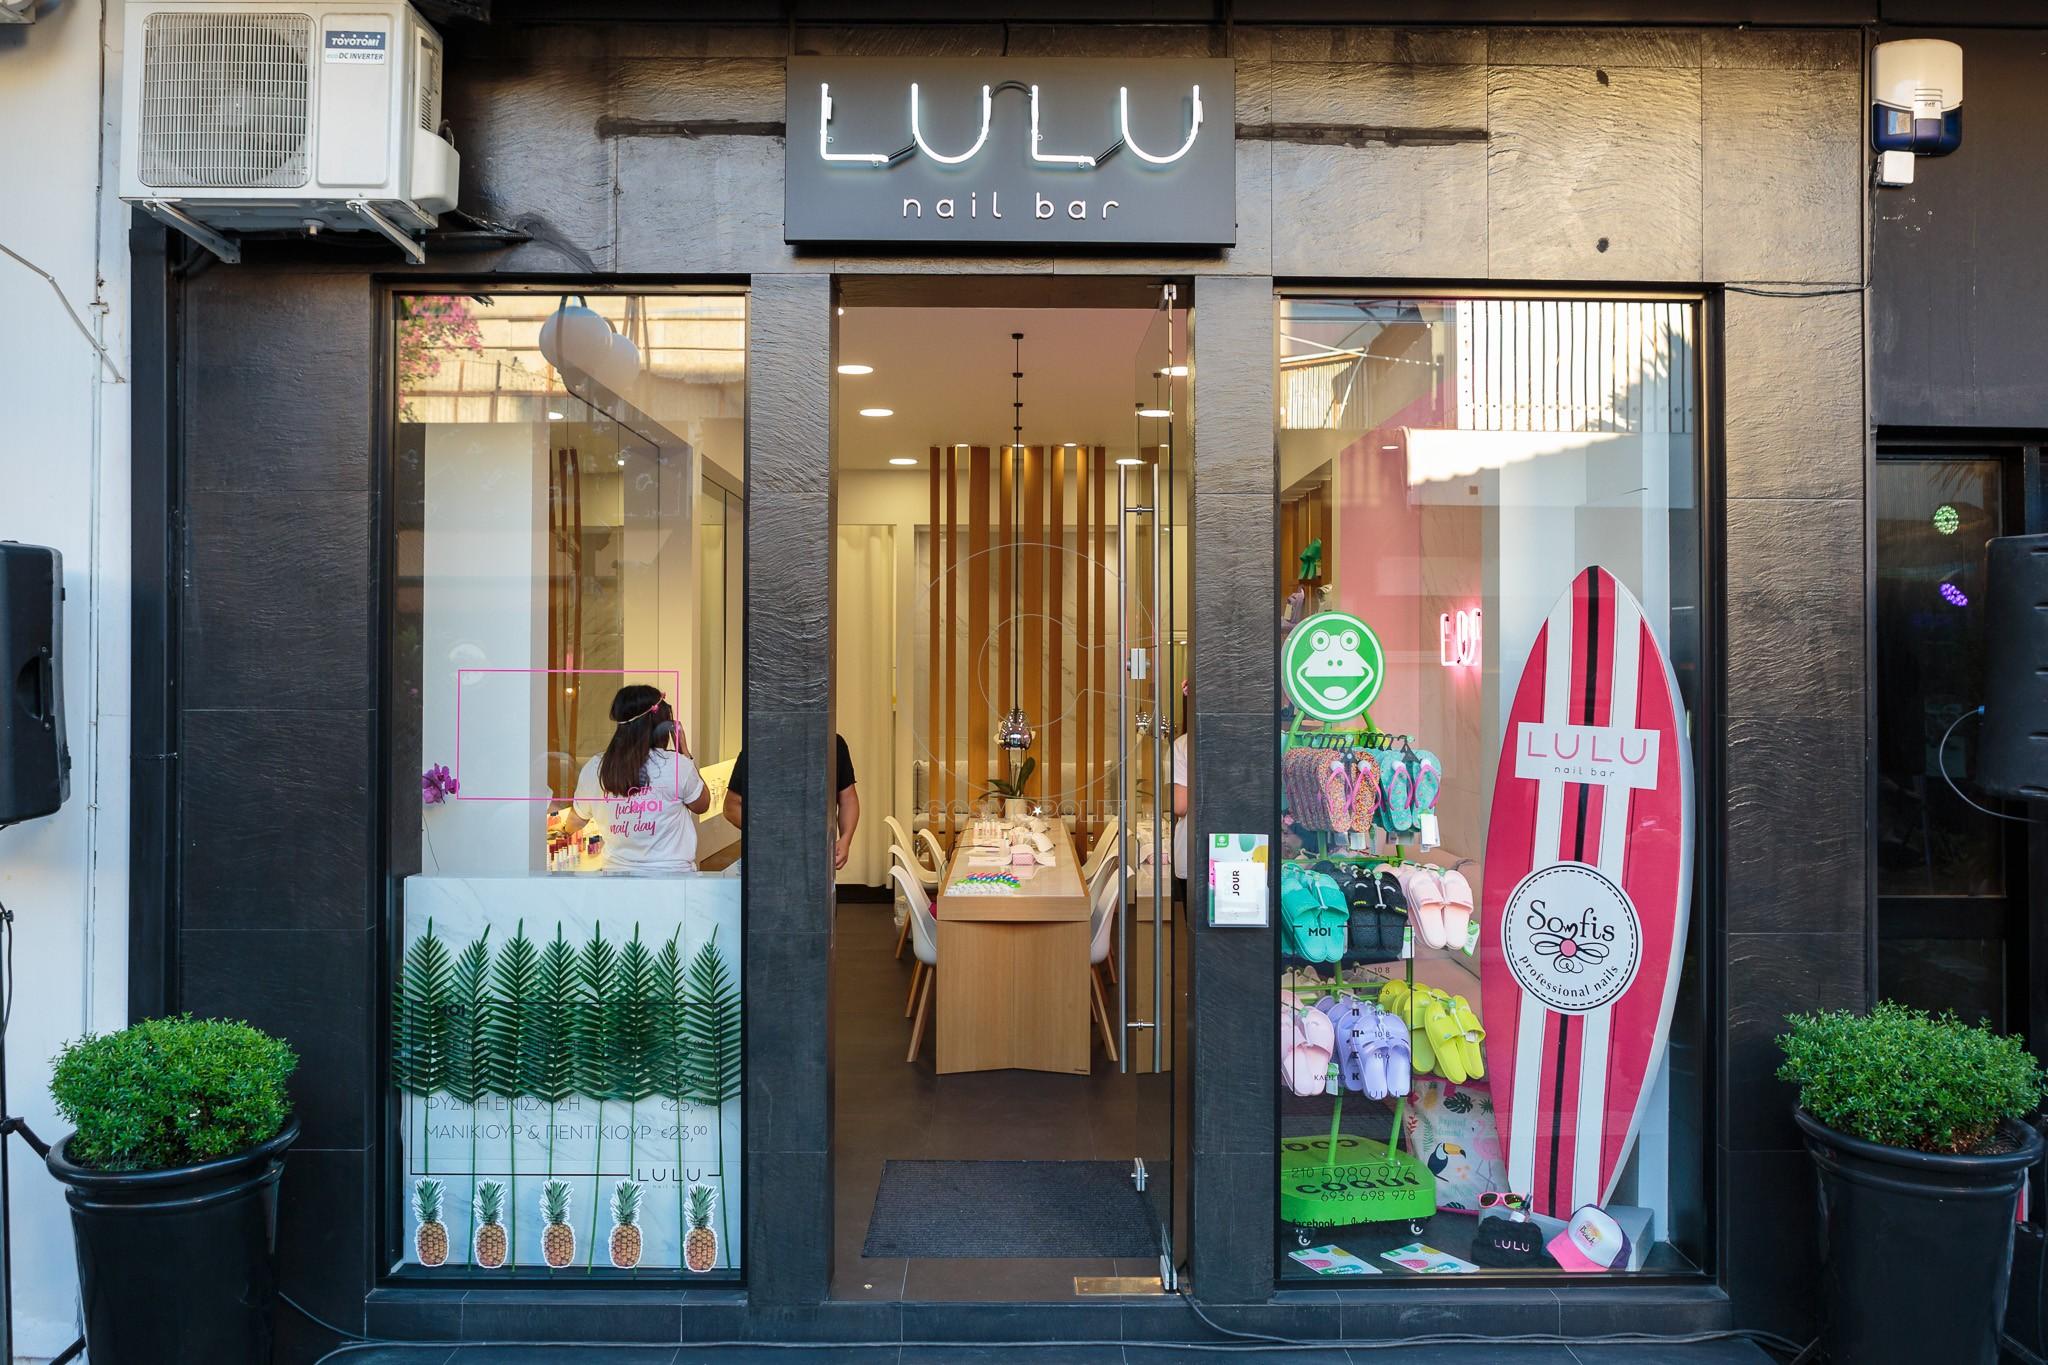 LULU_02